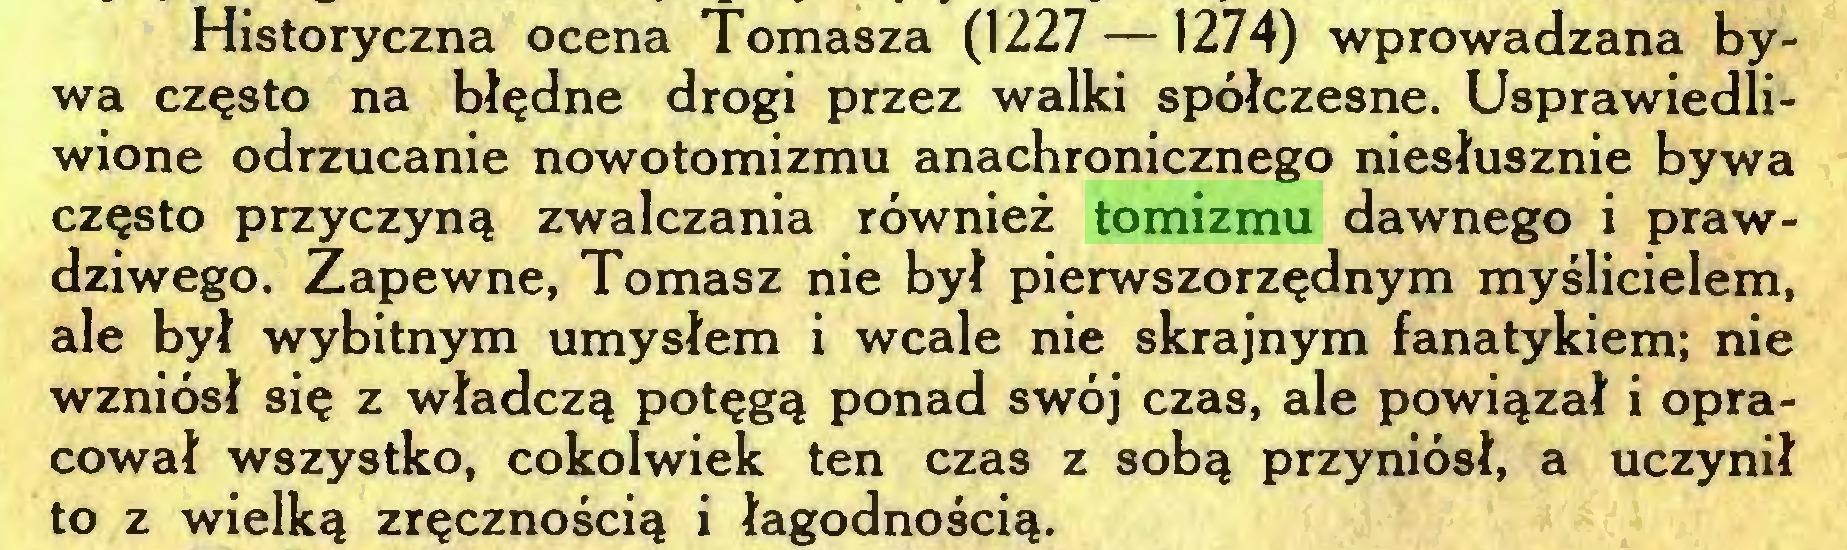 (...) Historyczna ocena Tomasza (1227 —1274) wprowadzana bywa często na błędne drogi przez walki spółczesne. Usprawiedliwione odrzucanie nowotomizmu anachronicznego niesłusznie bywa często przyczyną zwalczania również tomizmu dawnego i prawdziwego. Zapewne, Tomasz nie był pierwszorzędnym myślicielem, ale był wybitnym umysłem i wcale nie skrajnym fanatykiem; nie wzniósł się z władczą potęgą ponad swój czas, ale powiązał i opracował wszystko, cokolwiek ten czas z sobą przyniósł, a uczynił to z wielką zręcznością i łagodnością...